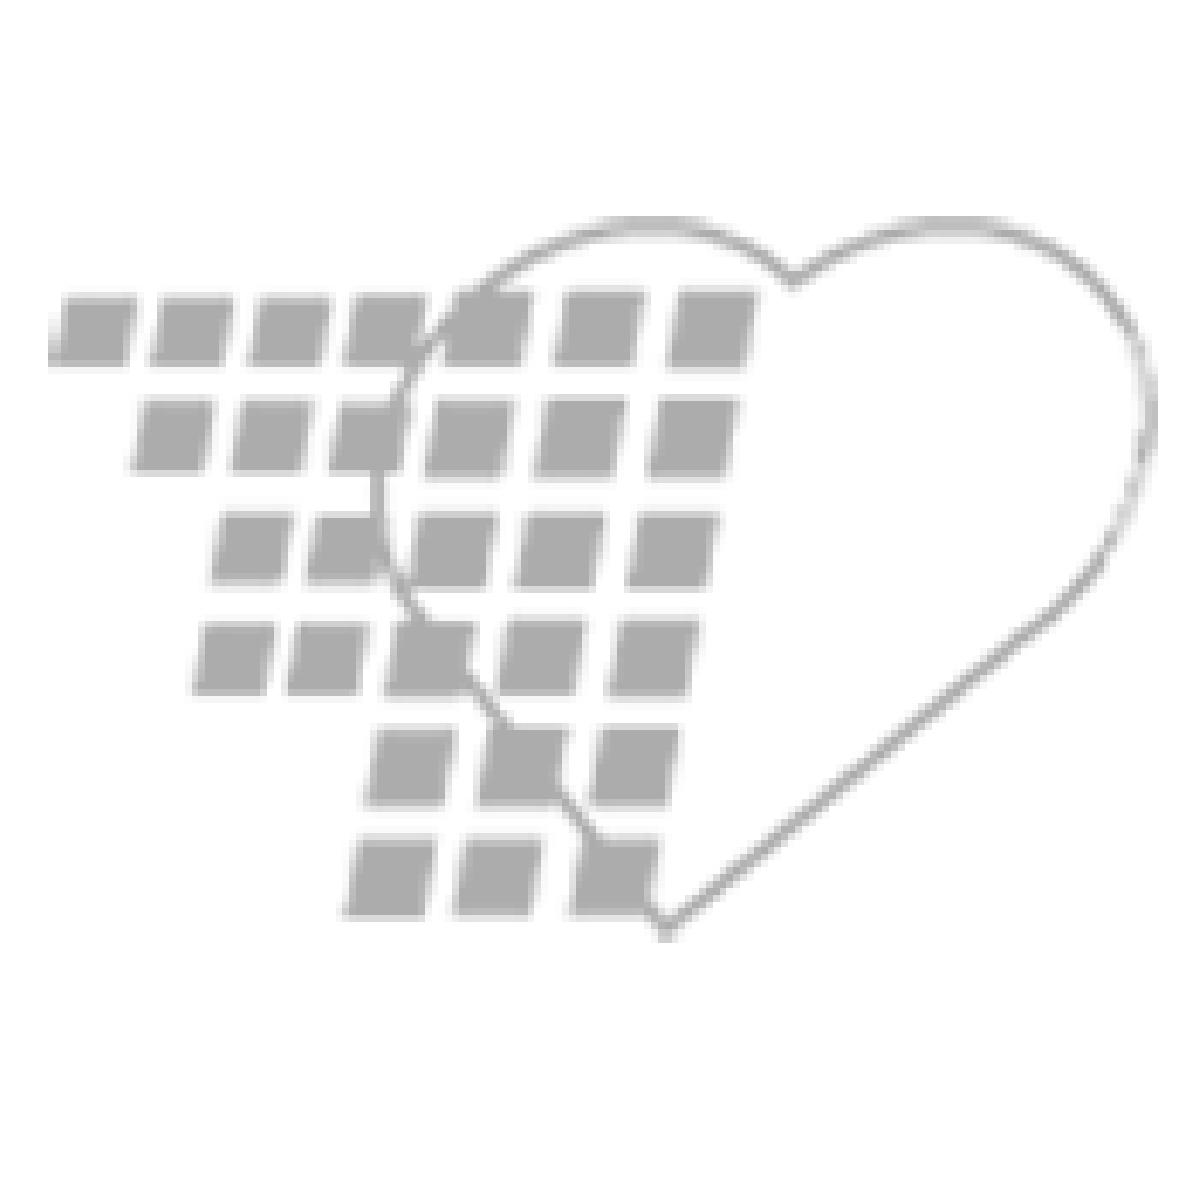 05-87-1128 - Nasco Foley Catheter 16 Fr 5mL